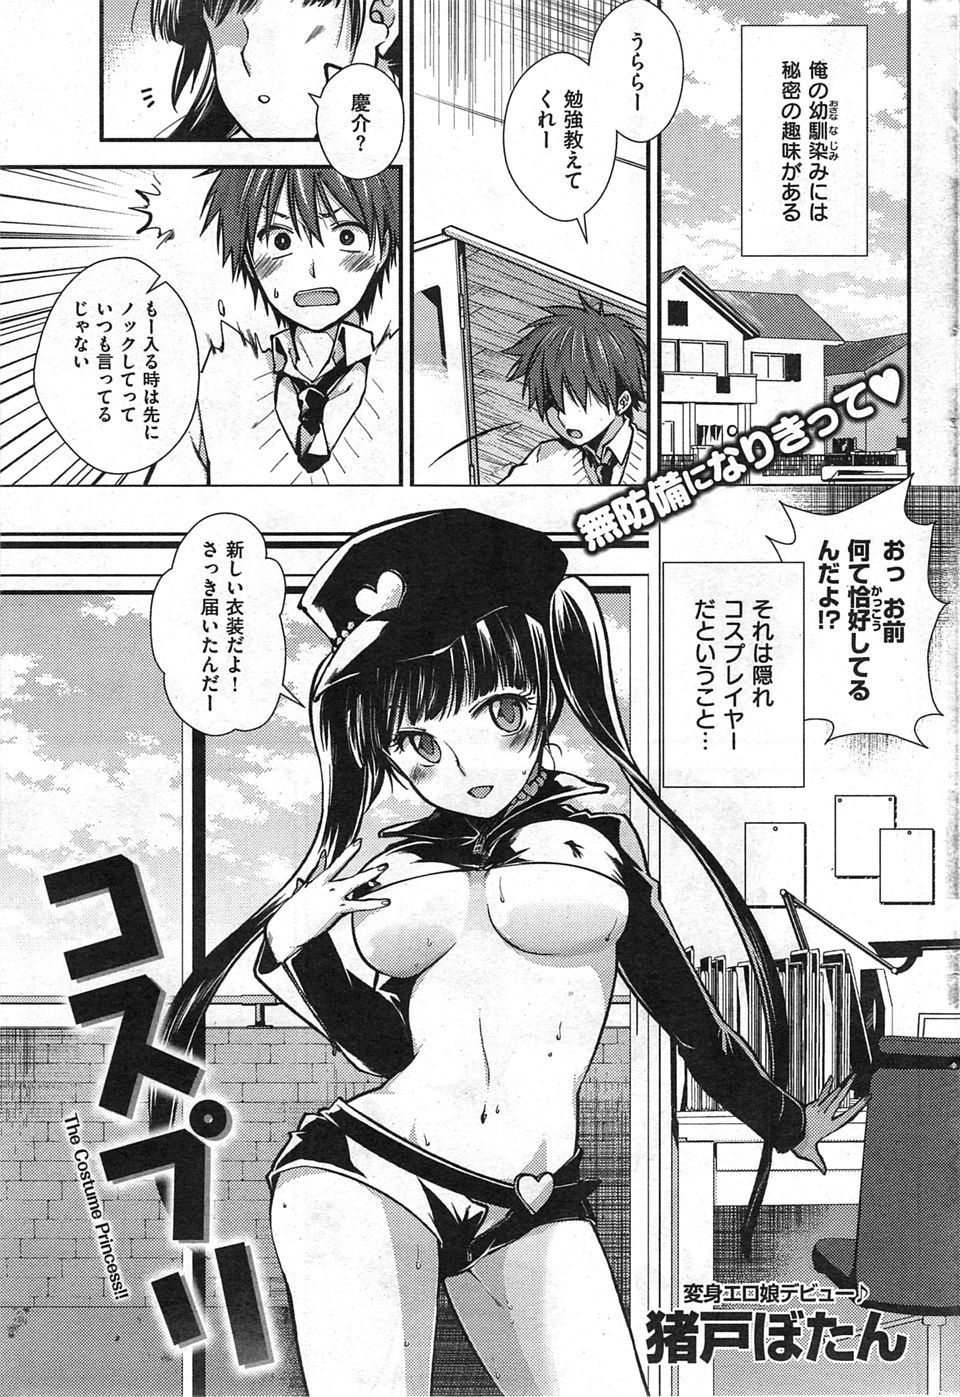 【エロ漫画・同人誌】隠れコスプレイヤーの幼馴染を褒めていたらエロいコスプレを着るようになったので当然セックスしちゃう♪